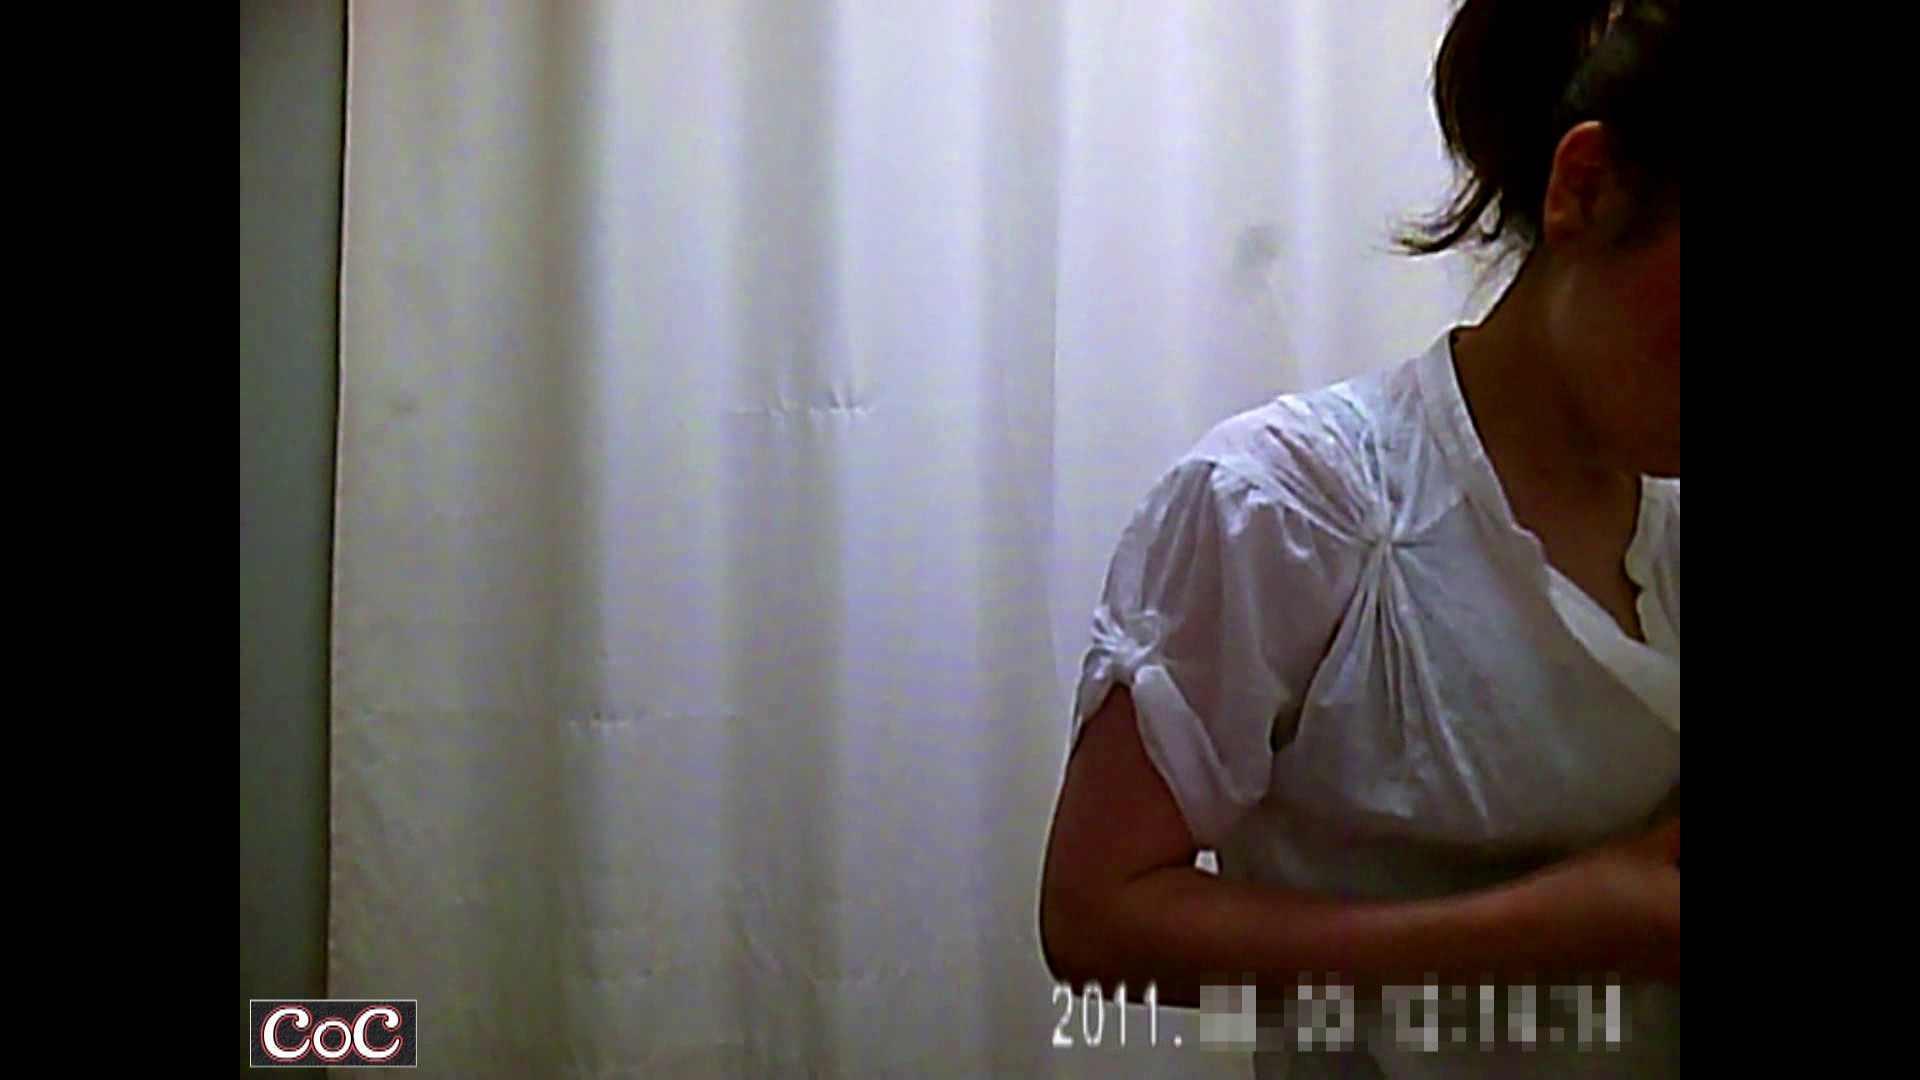 病院おもいっきり着替え! vol.09 OLの実態 盗み撮りAV無料動画キャプチャ 89pic 58